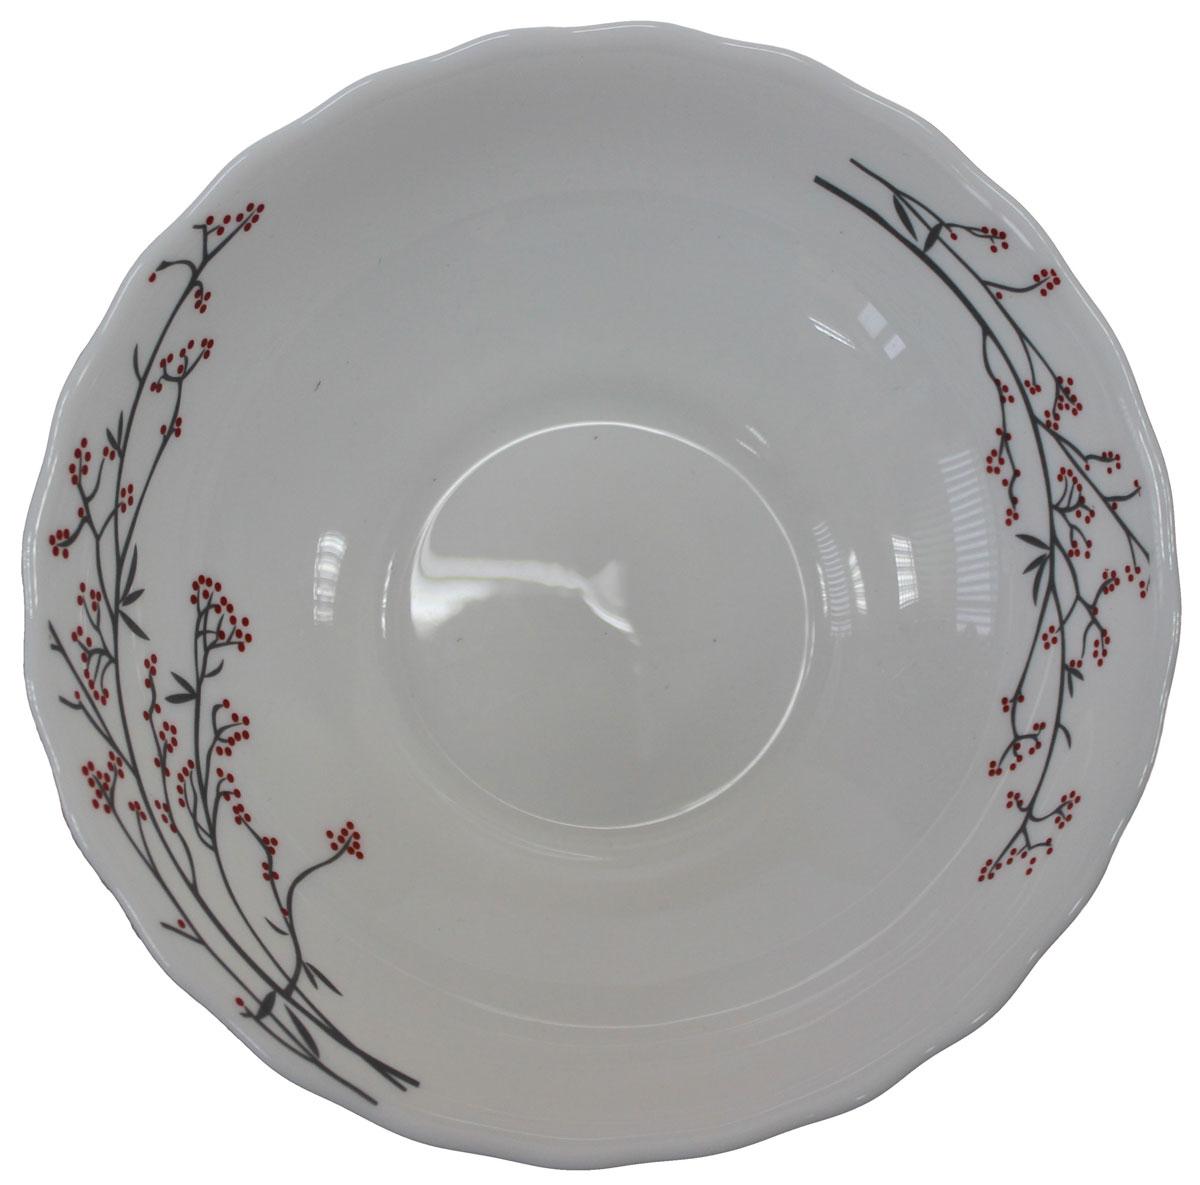 Салатник Марисса, 15,5 см. 818941115510Салатник Марисса выполнен из опалового стекла и оформлен цветочным принтом. Салатник можно использовать как суповую тарелку.